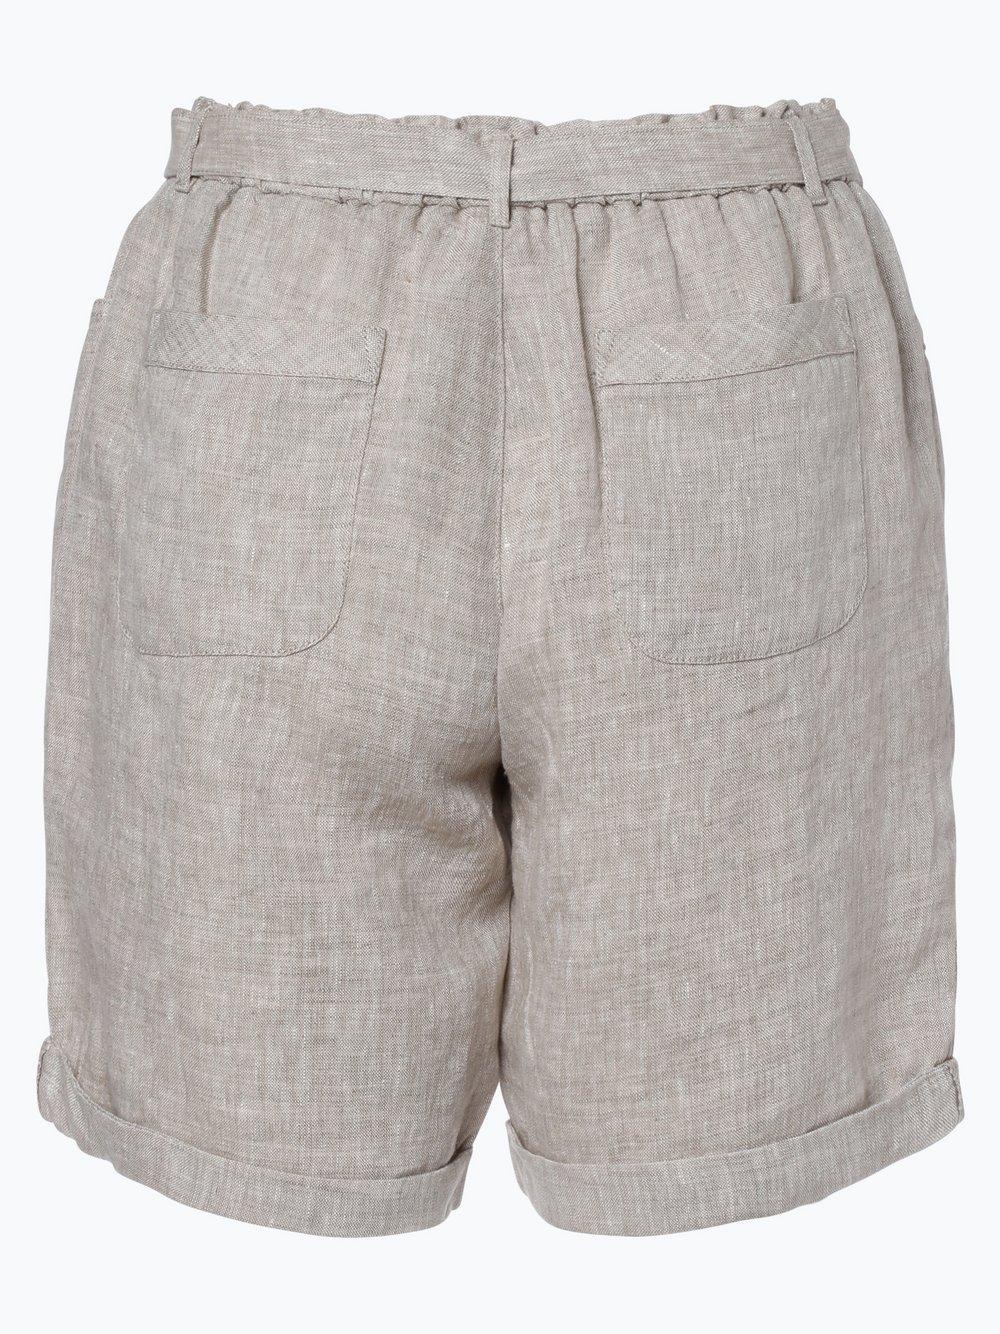 Damen Shorts aus Leinen beige Franco Callegari